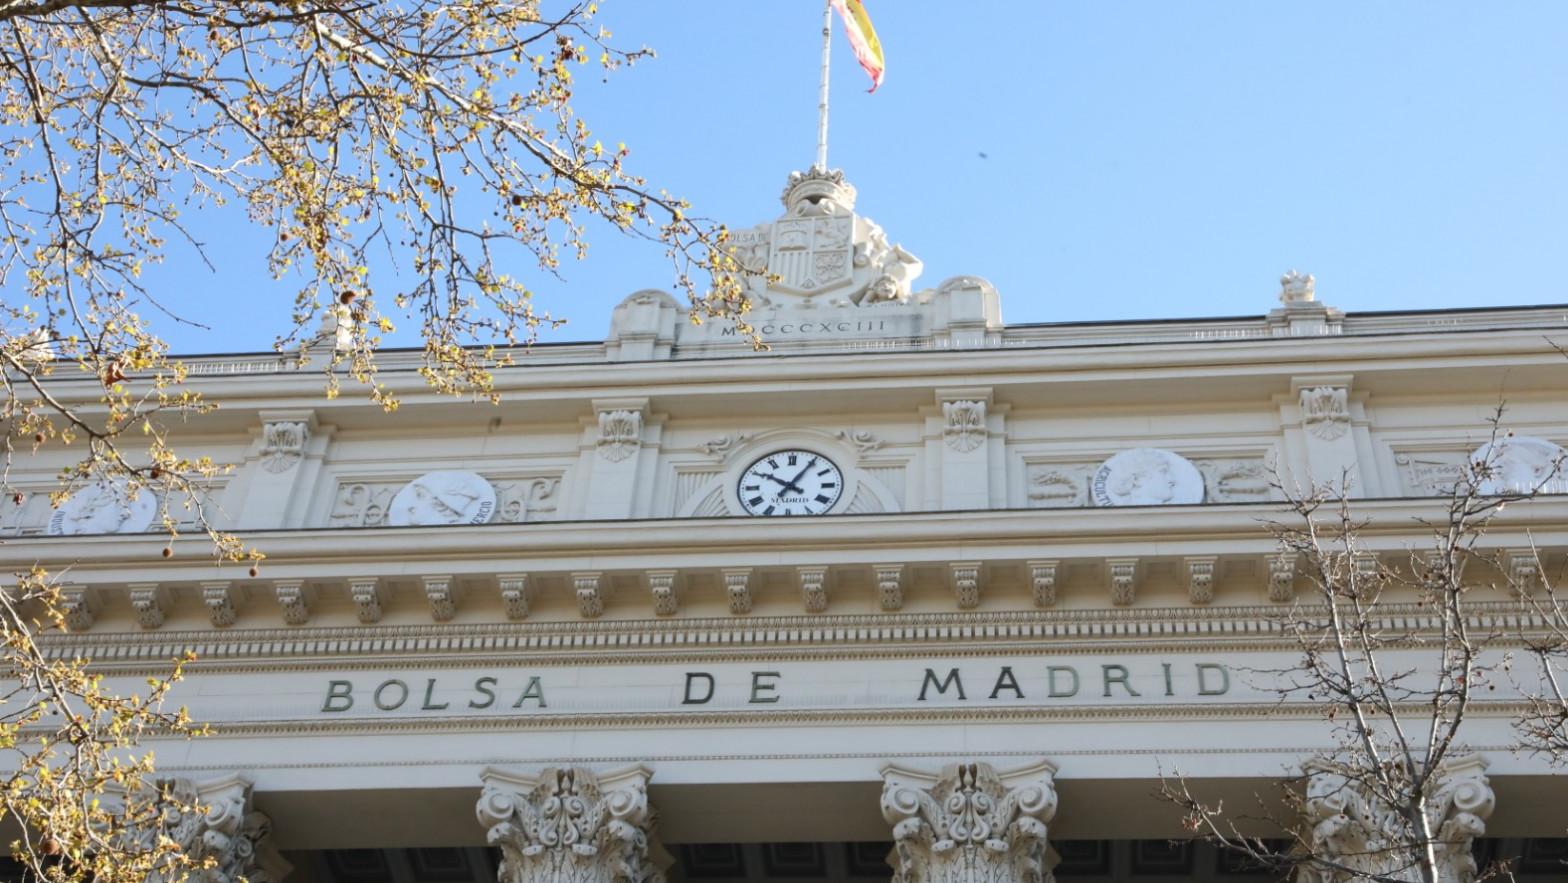 Línea Directa debutará en Bolsa el próximo 29 de abril a un precio de 1,317 euros por acción